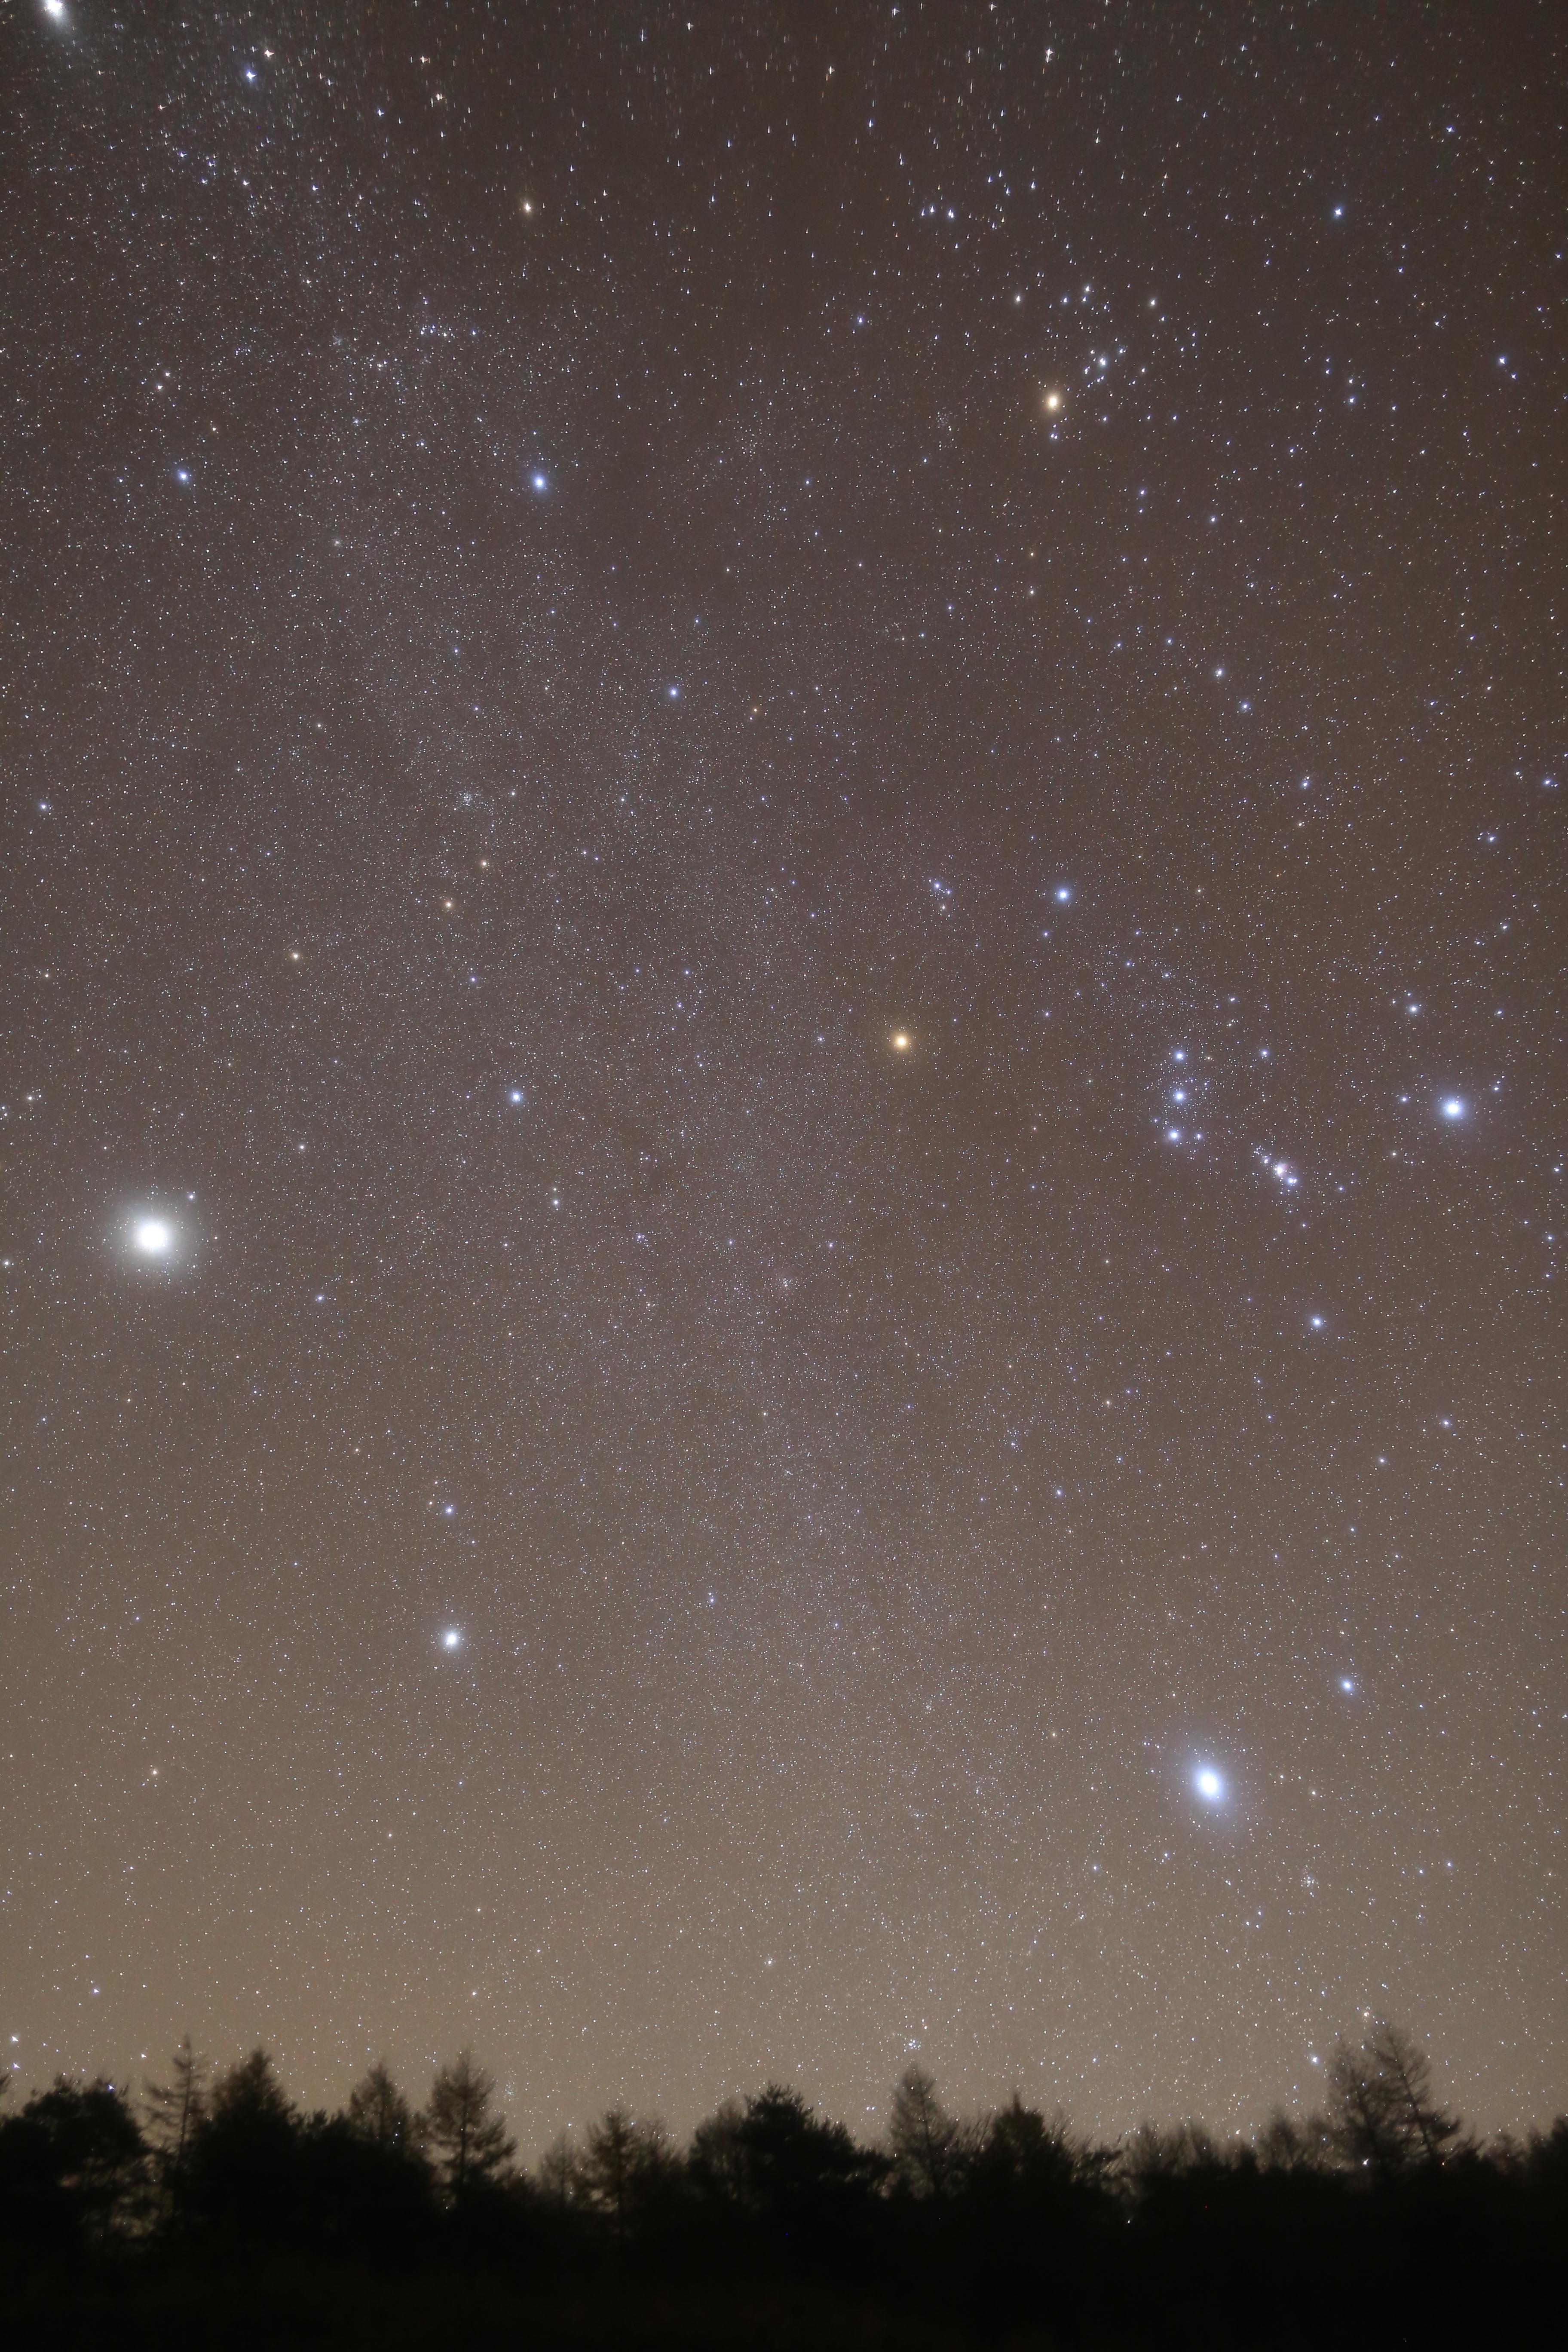 ホワイトバランスオートで撮影したカメラ生成JPEG画像。ソフトフィルター使用 / 追尾撮影